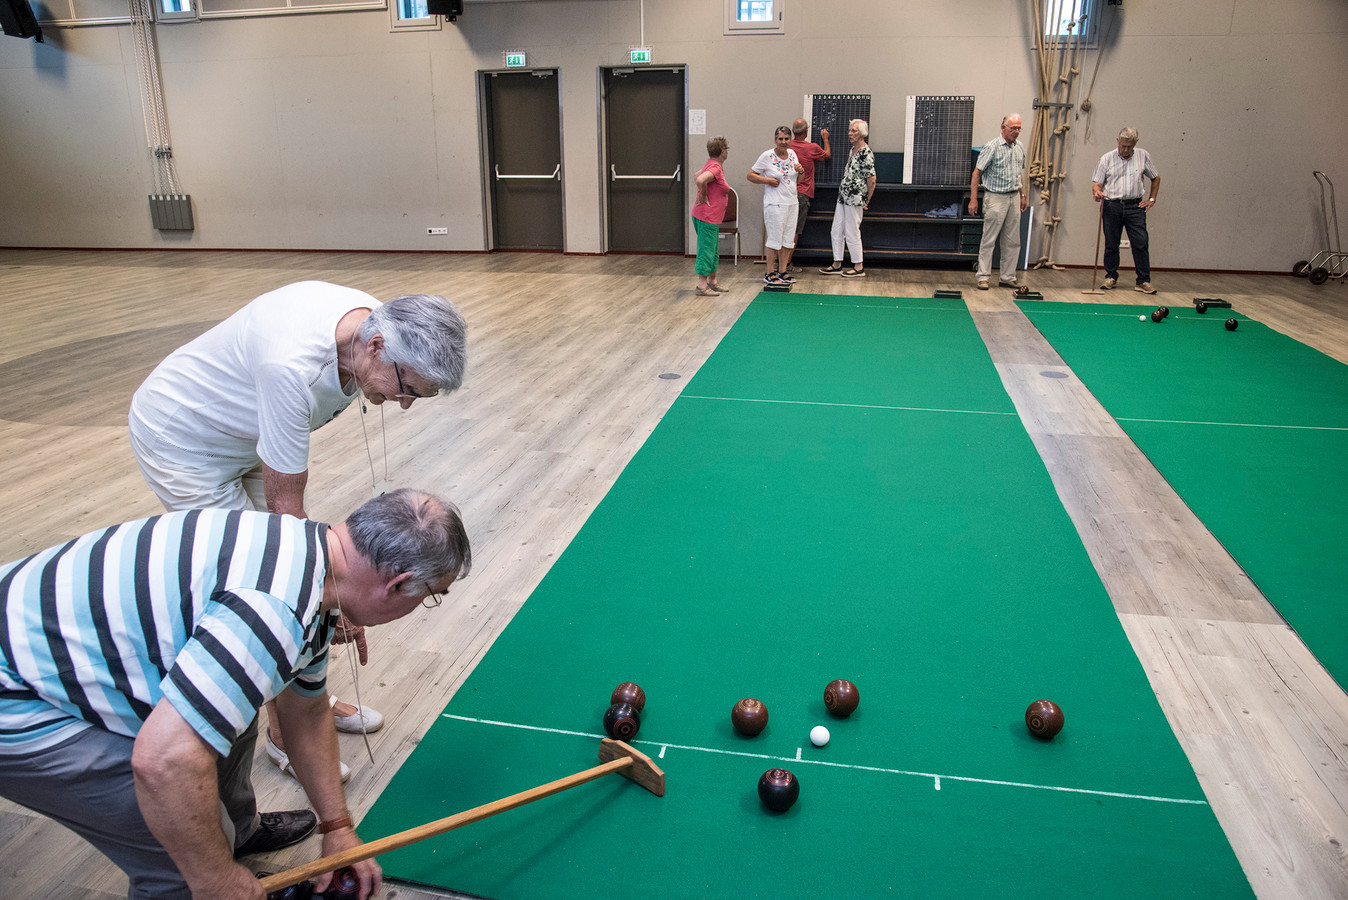 Koersbal in de Koppel in Middelaar. Nu er nieuwe beheerders zijn gevonden, kunnen sporters na afloop een drankje blijven nuttigen in het multifunctionele centrum.